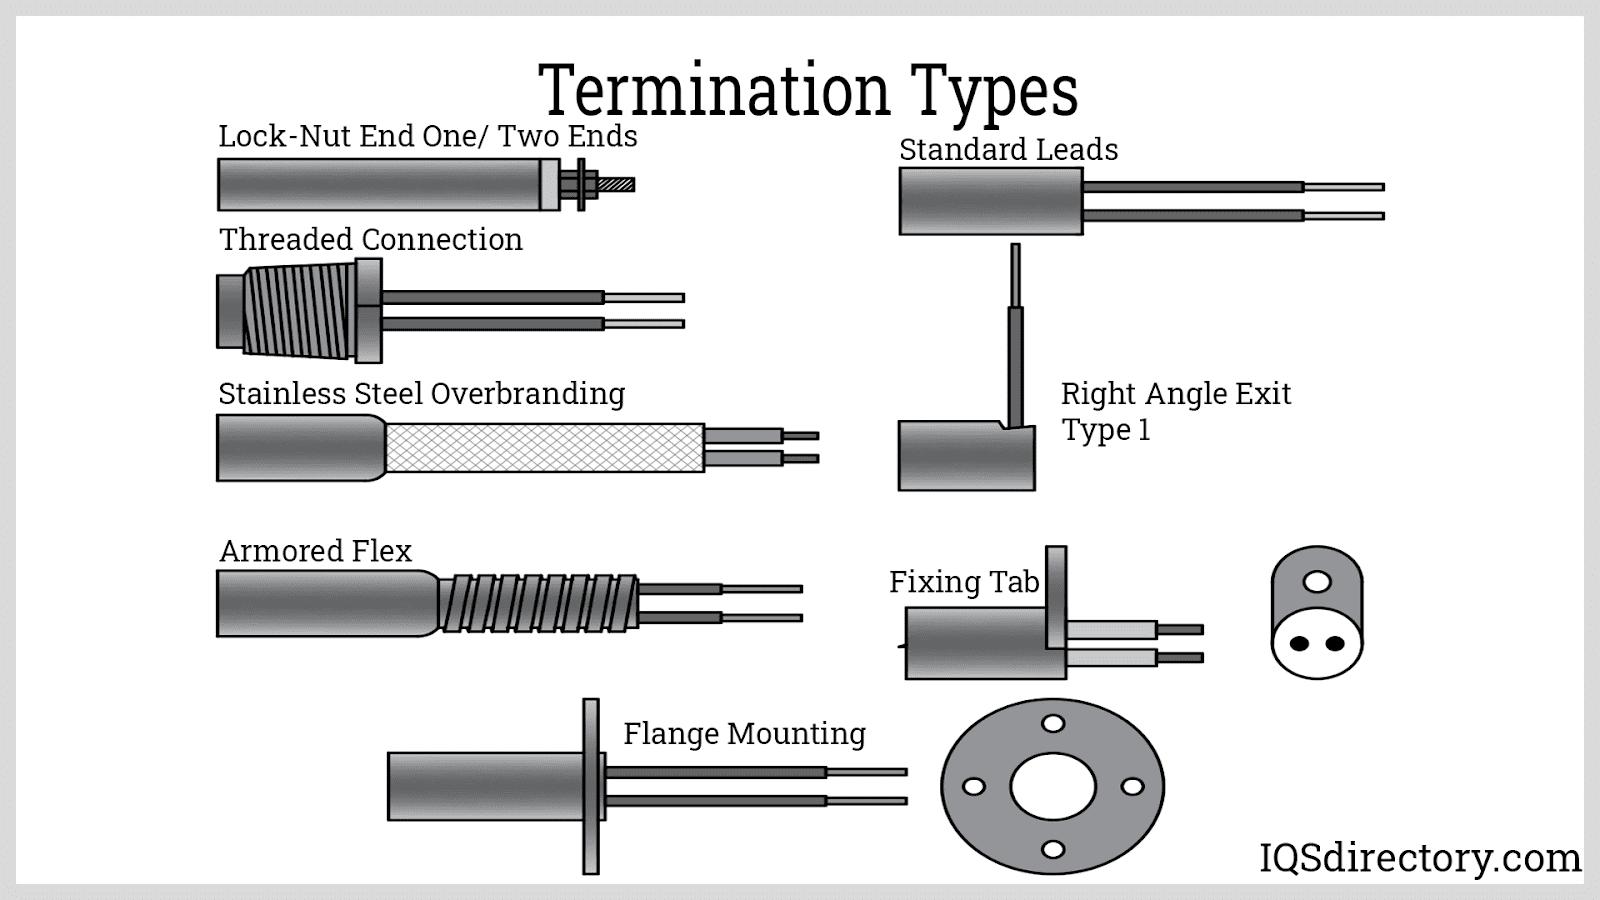 Termination Types